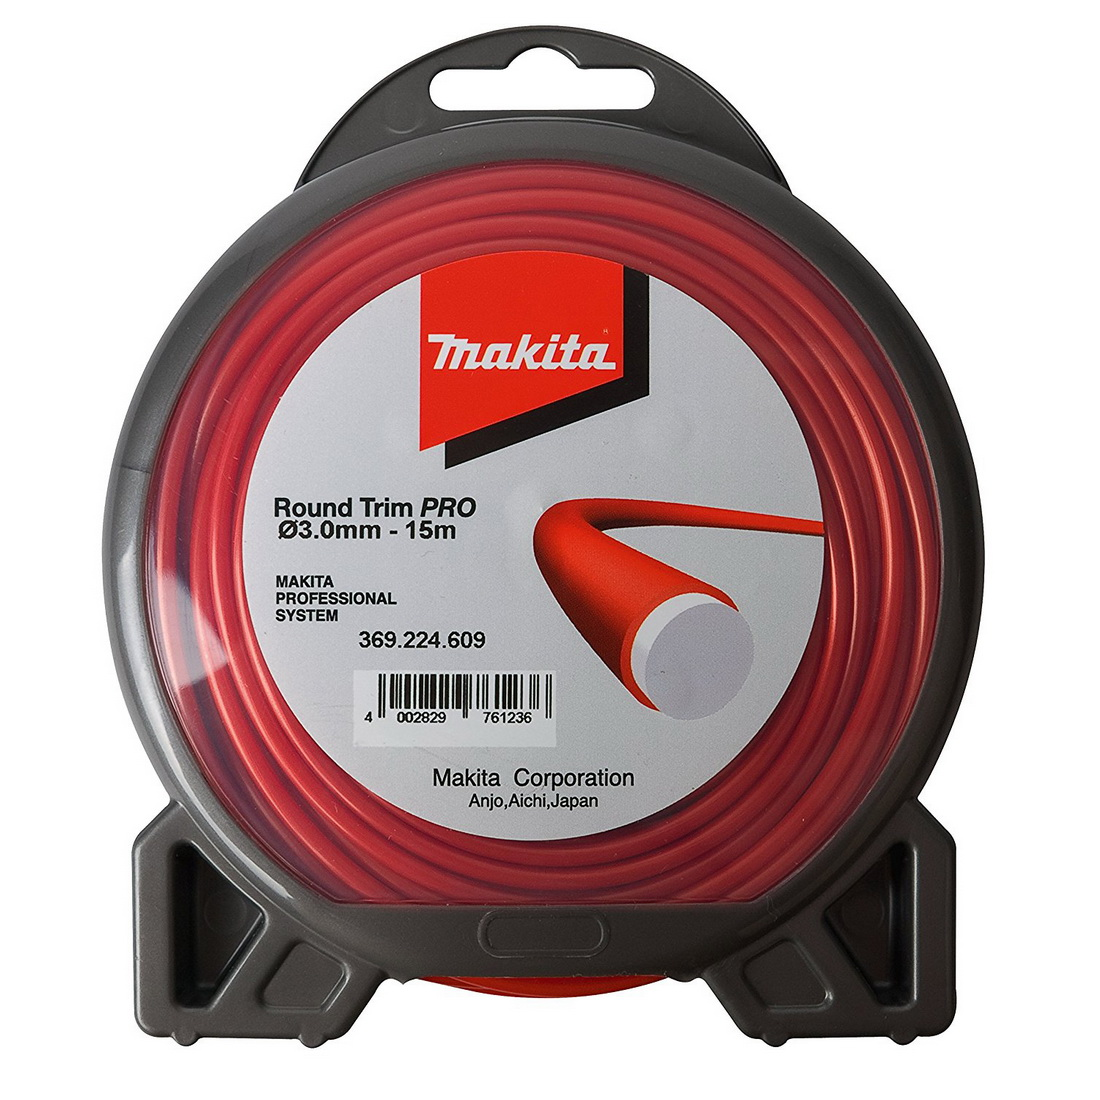 3mm x 15m Nylon Round Pro Trimmer Line